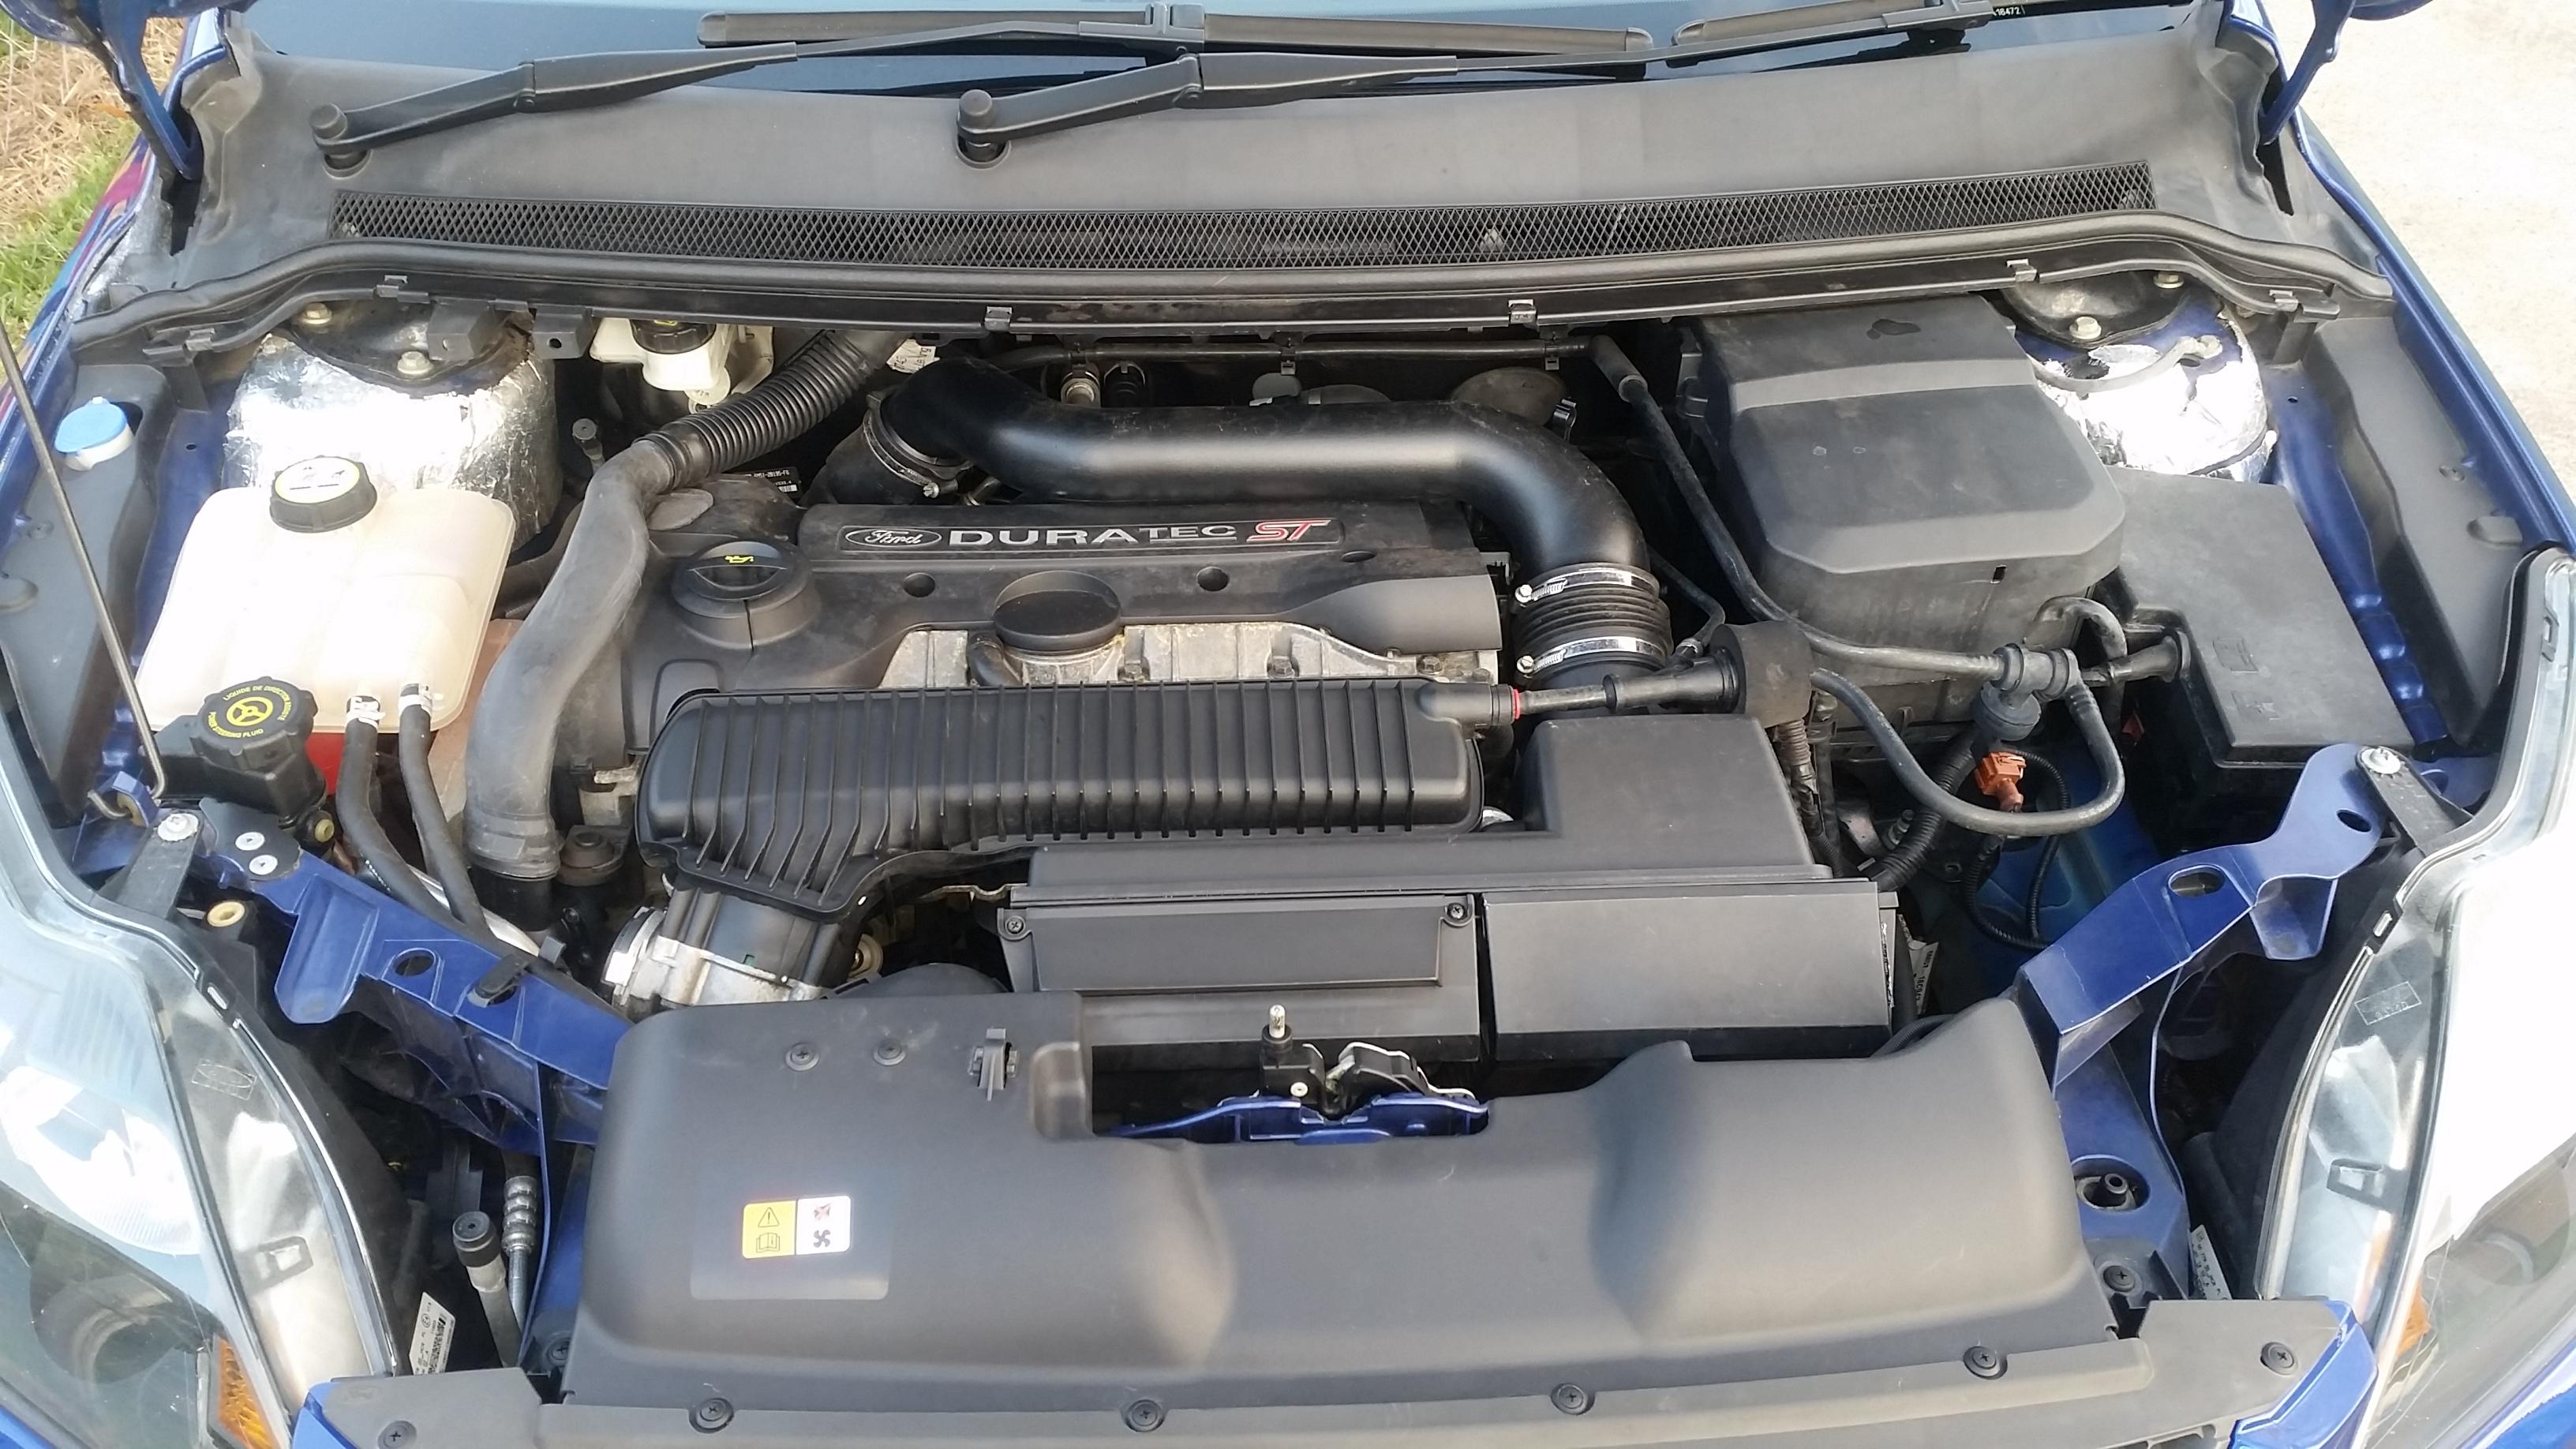 2009 Ford Focus Xr5 Turbo Lv Car Sales Qld Brisbane North 2915415